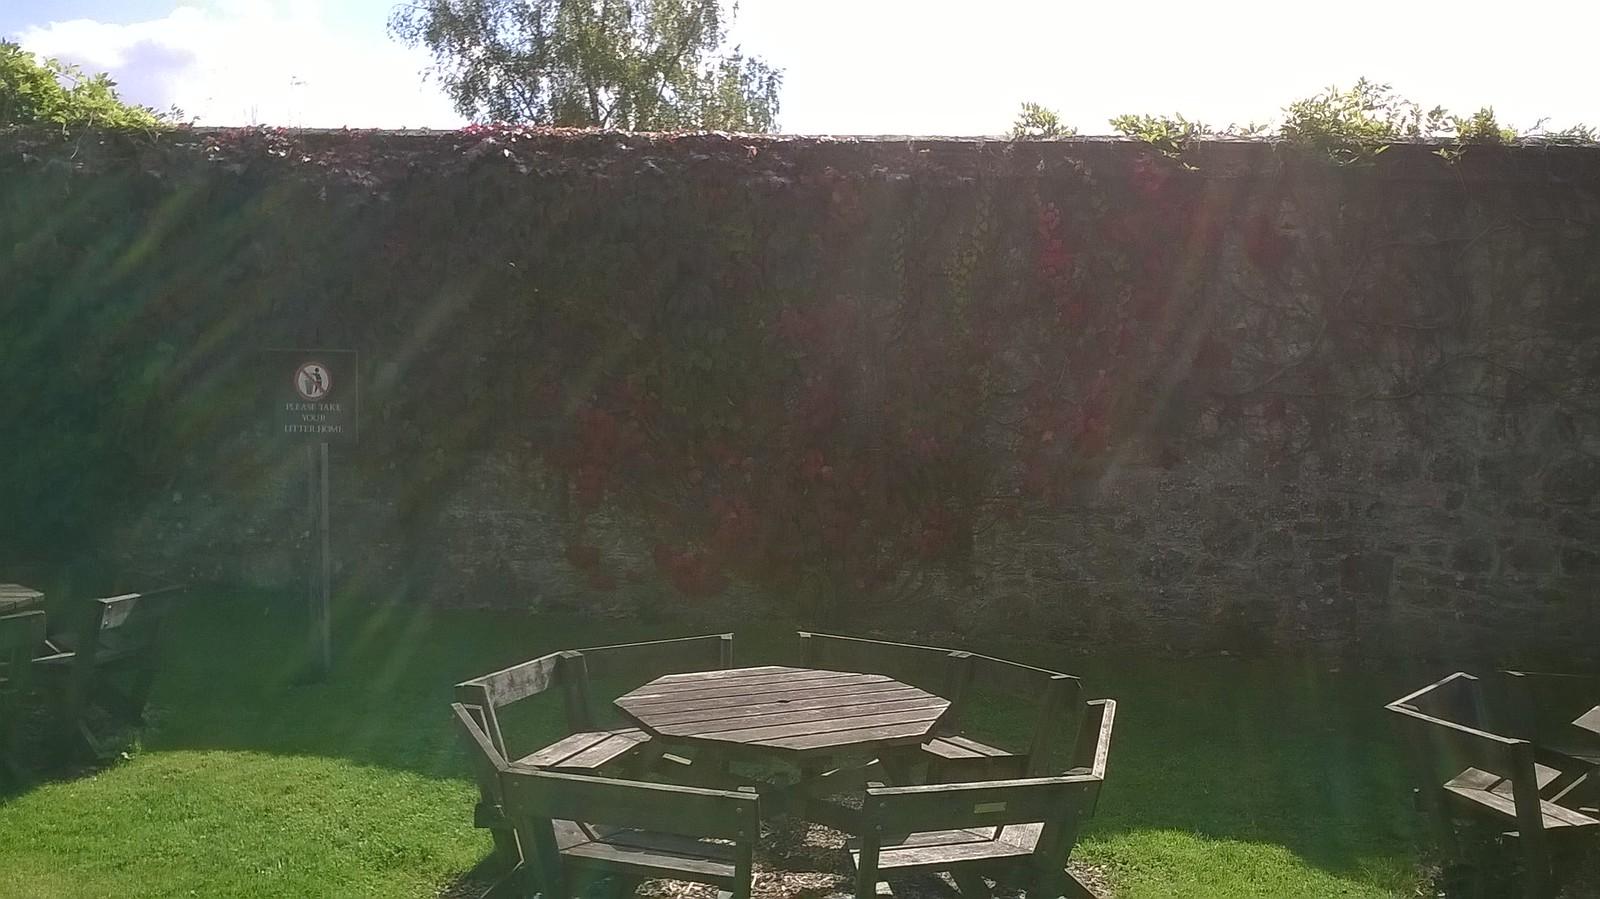 Hedge or wall? Ightam Mote picnic area